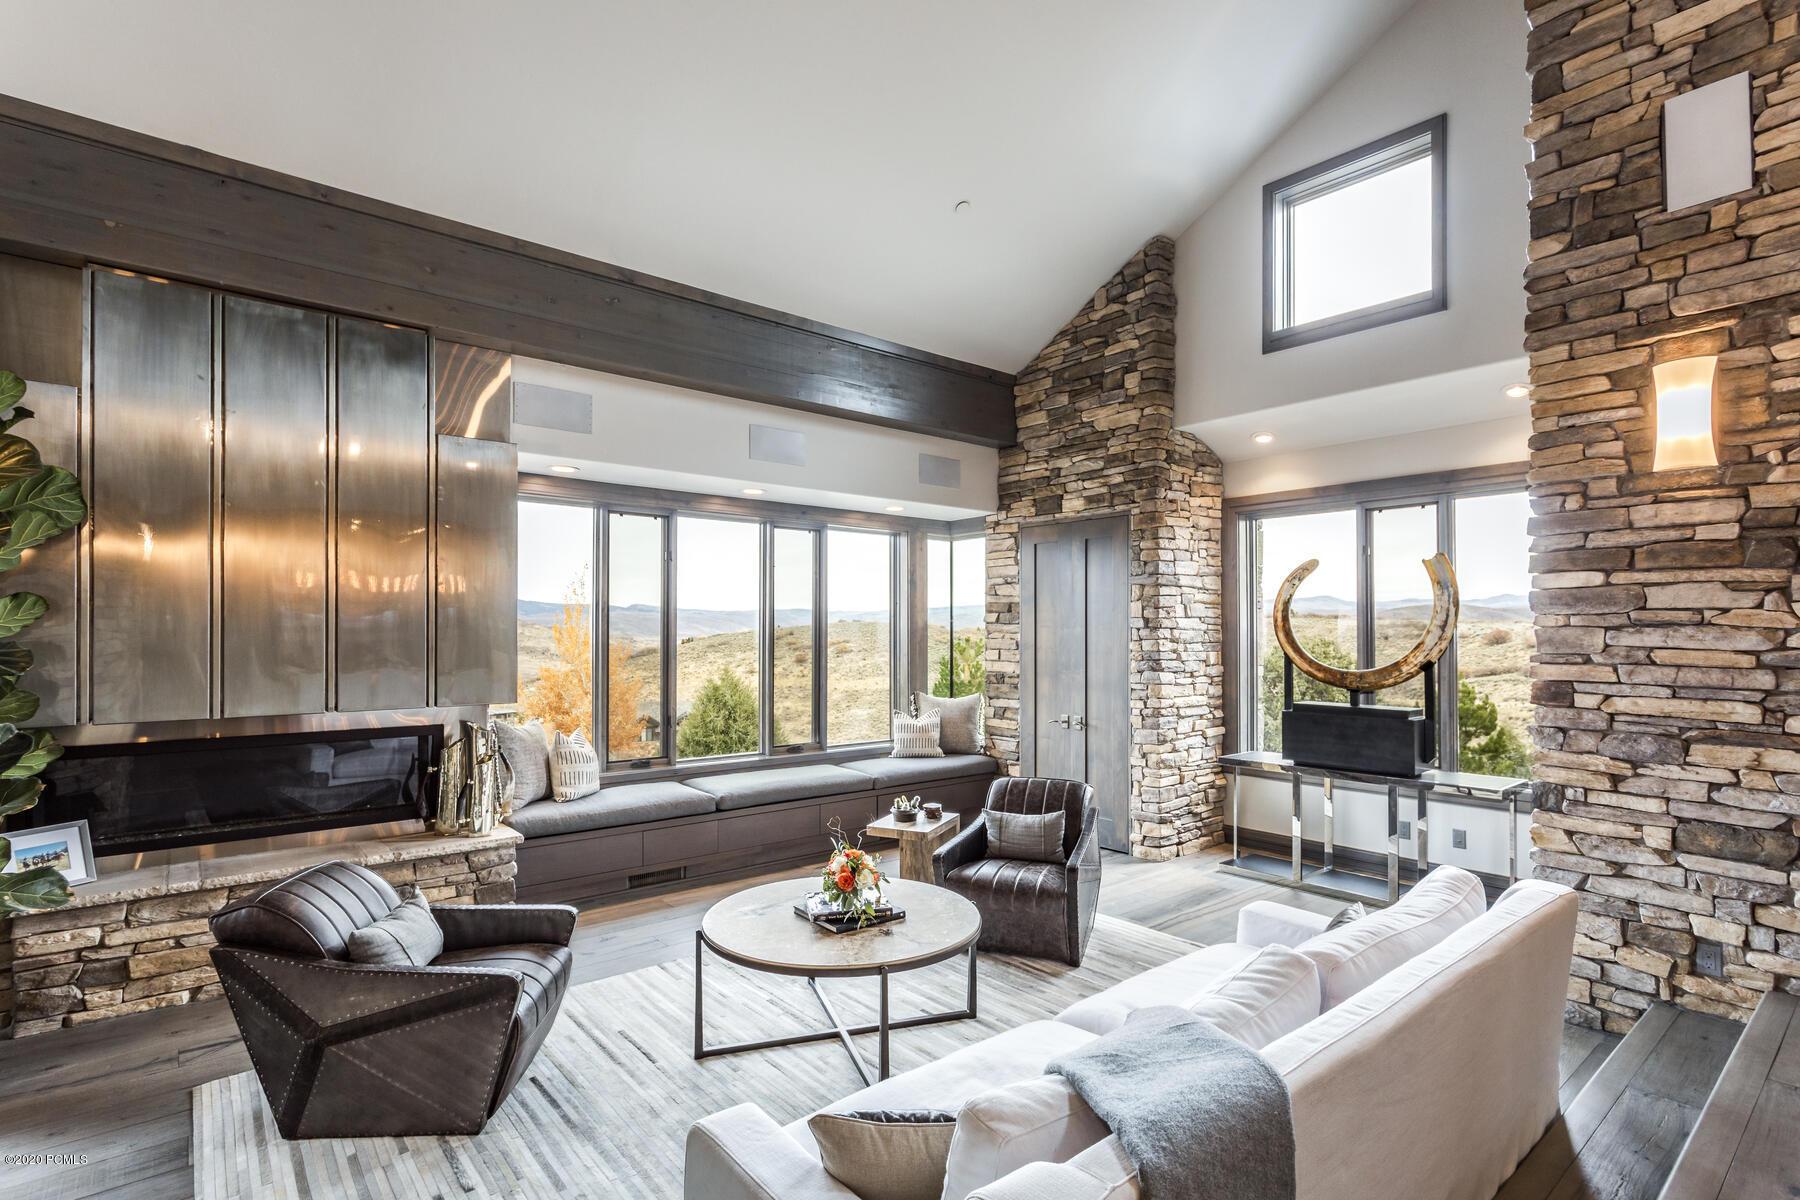 9045 Twin Peaks Drive, Kamas, Utah 84036, 5 Bedrooms Bedrooms, ,7 BathroomsBathrooms,Single Family,For Sale,Twin Peaks,12004183